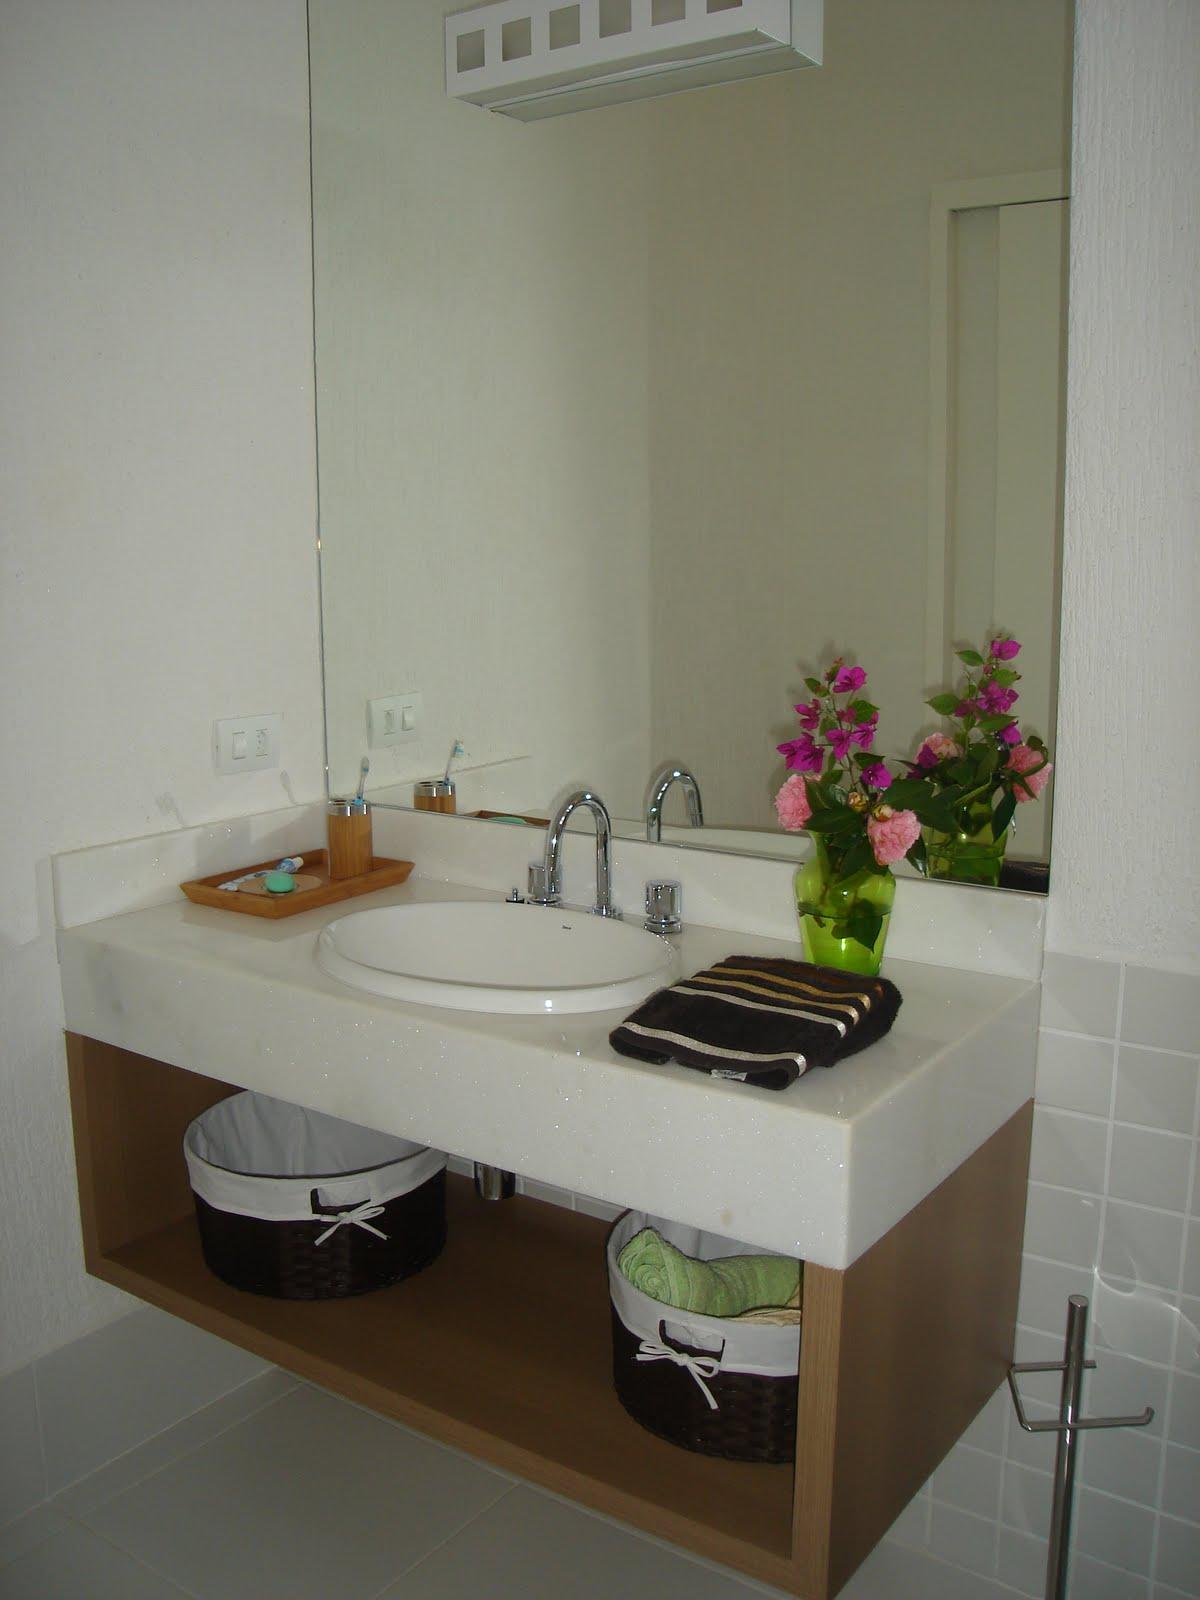 Banheiros: bonitos e econômicos #8A2C63 1200x1600 Banheiro De Pobre Bonito